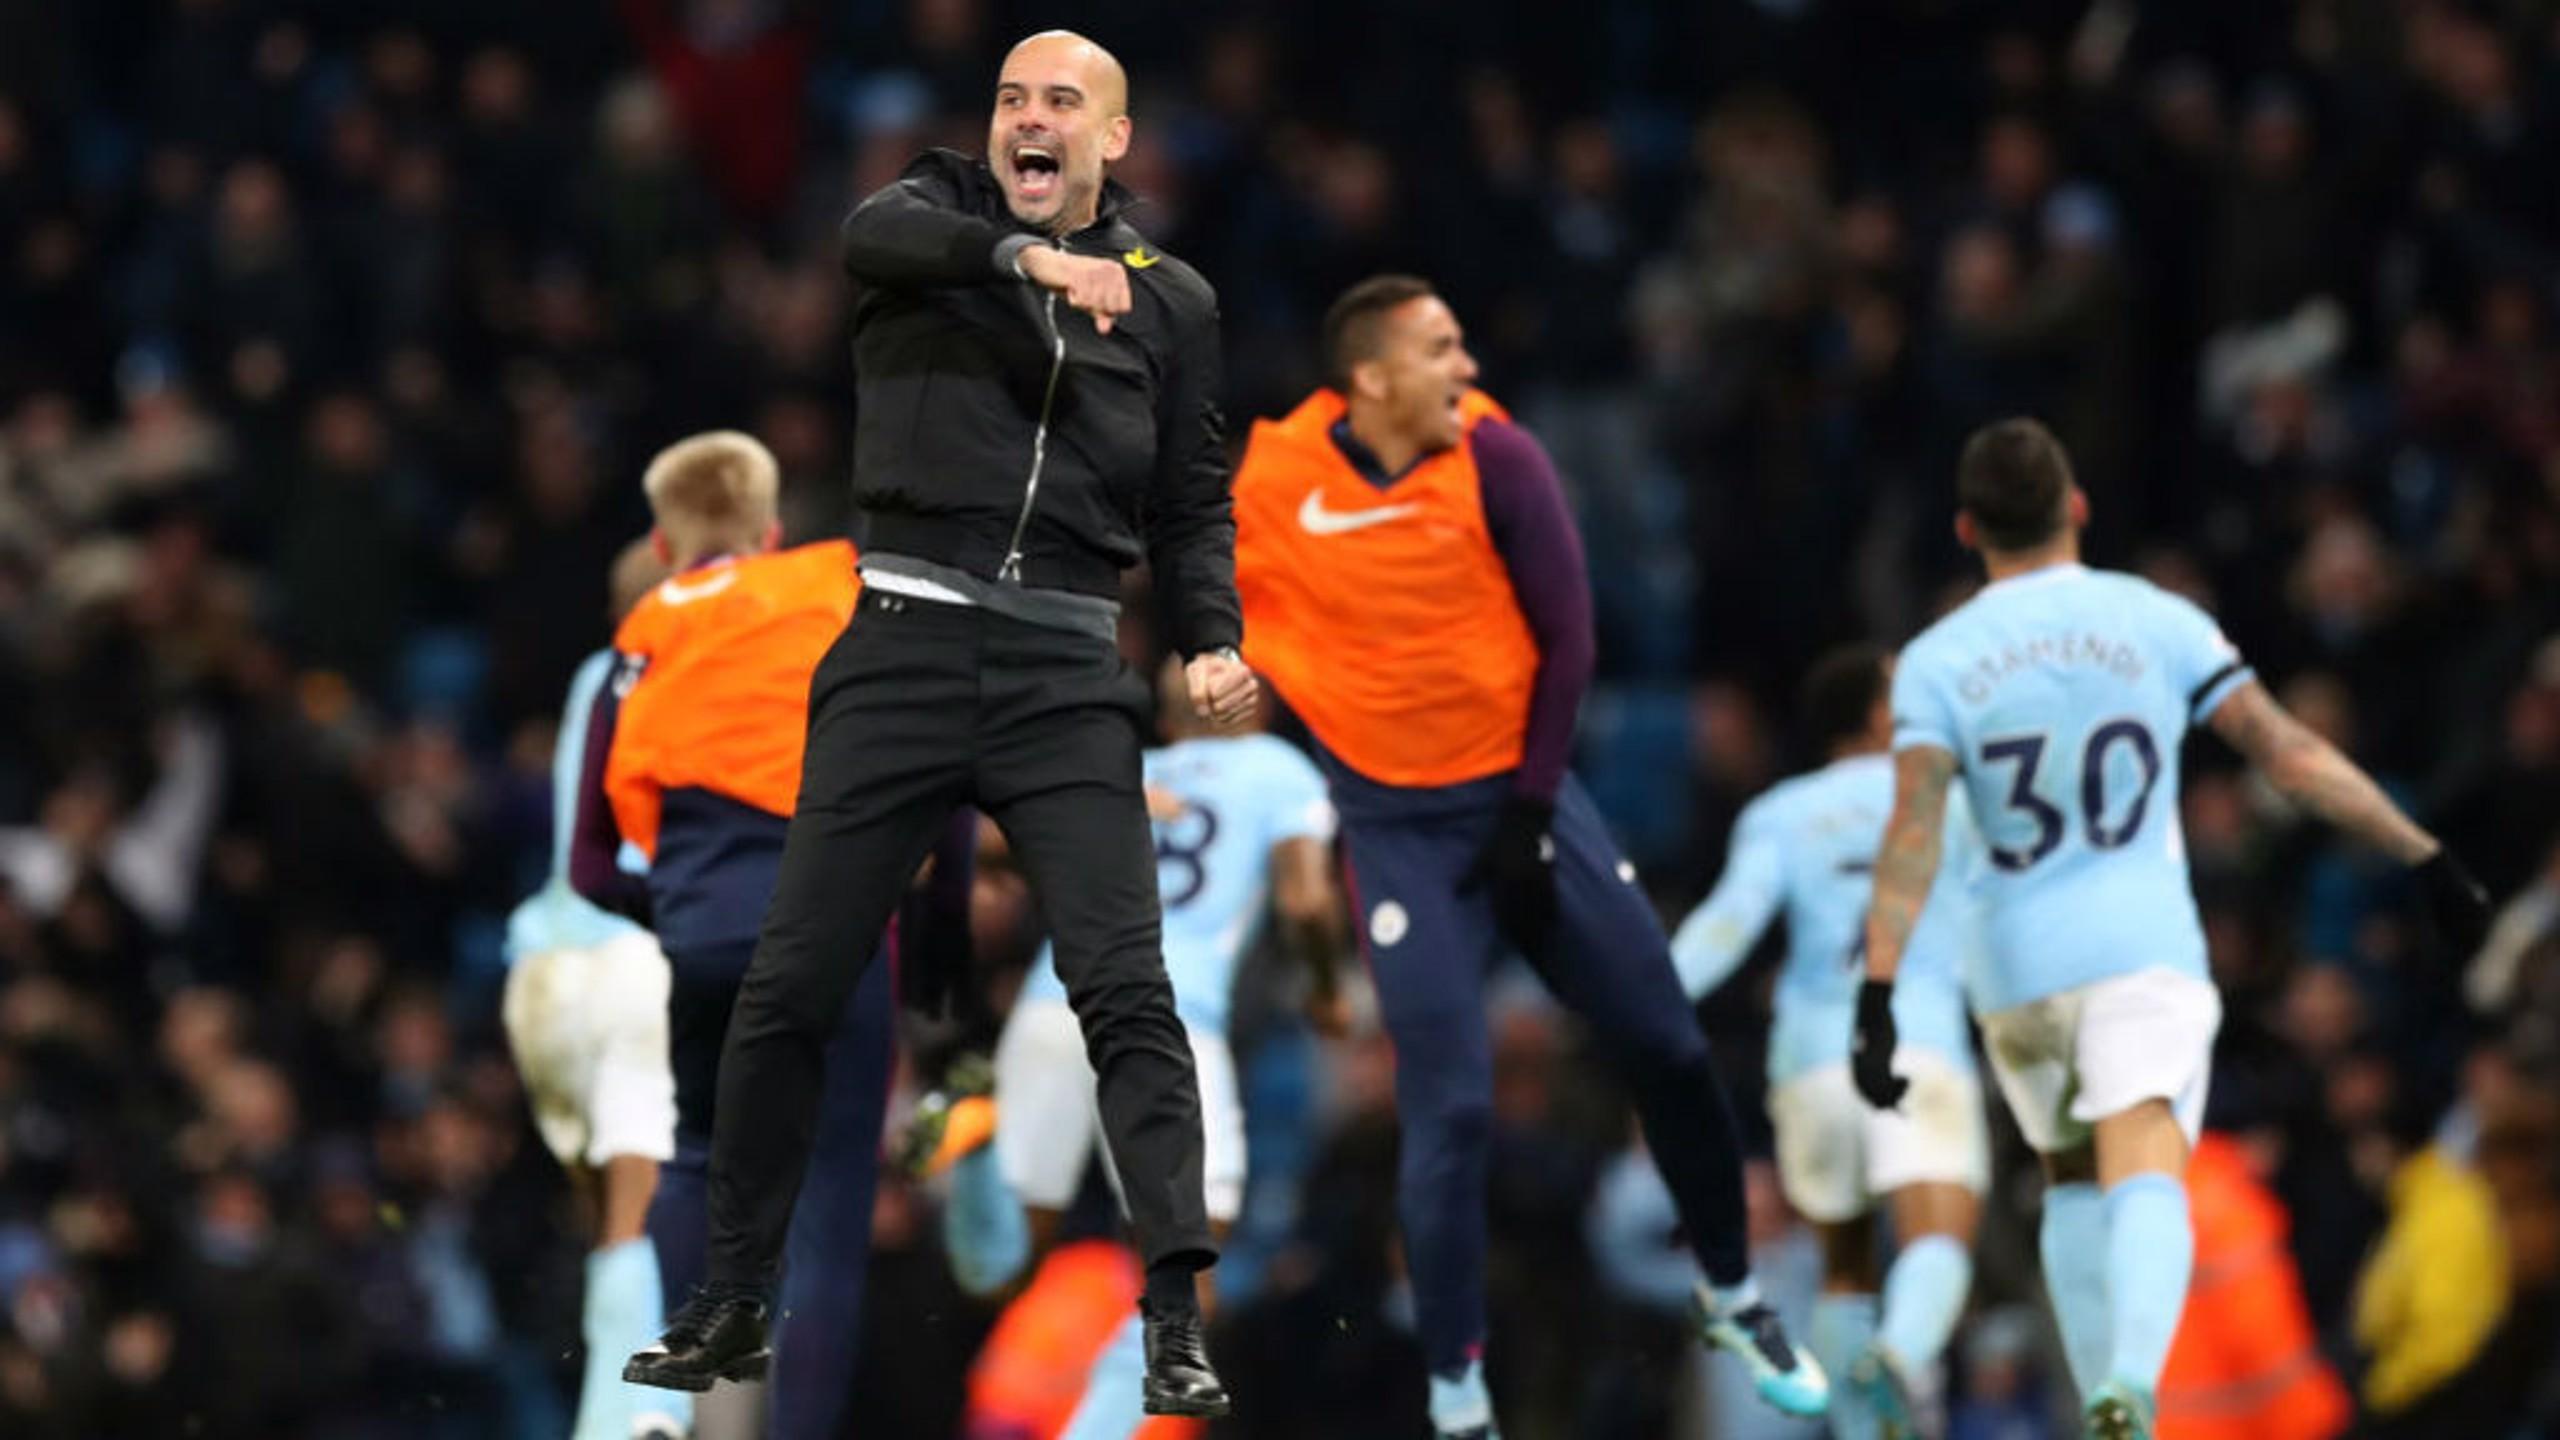 Pep celebra el gol en el último minuto contra el Southampton.